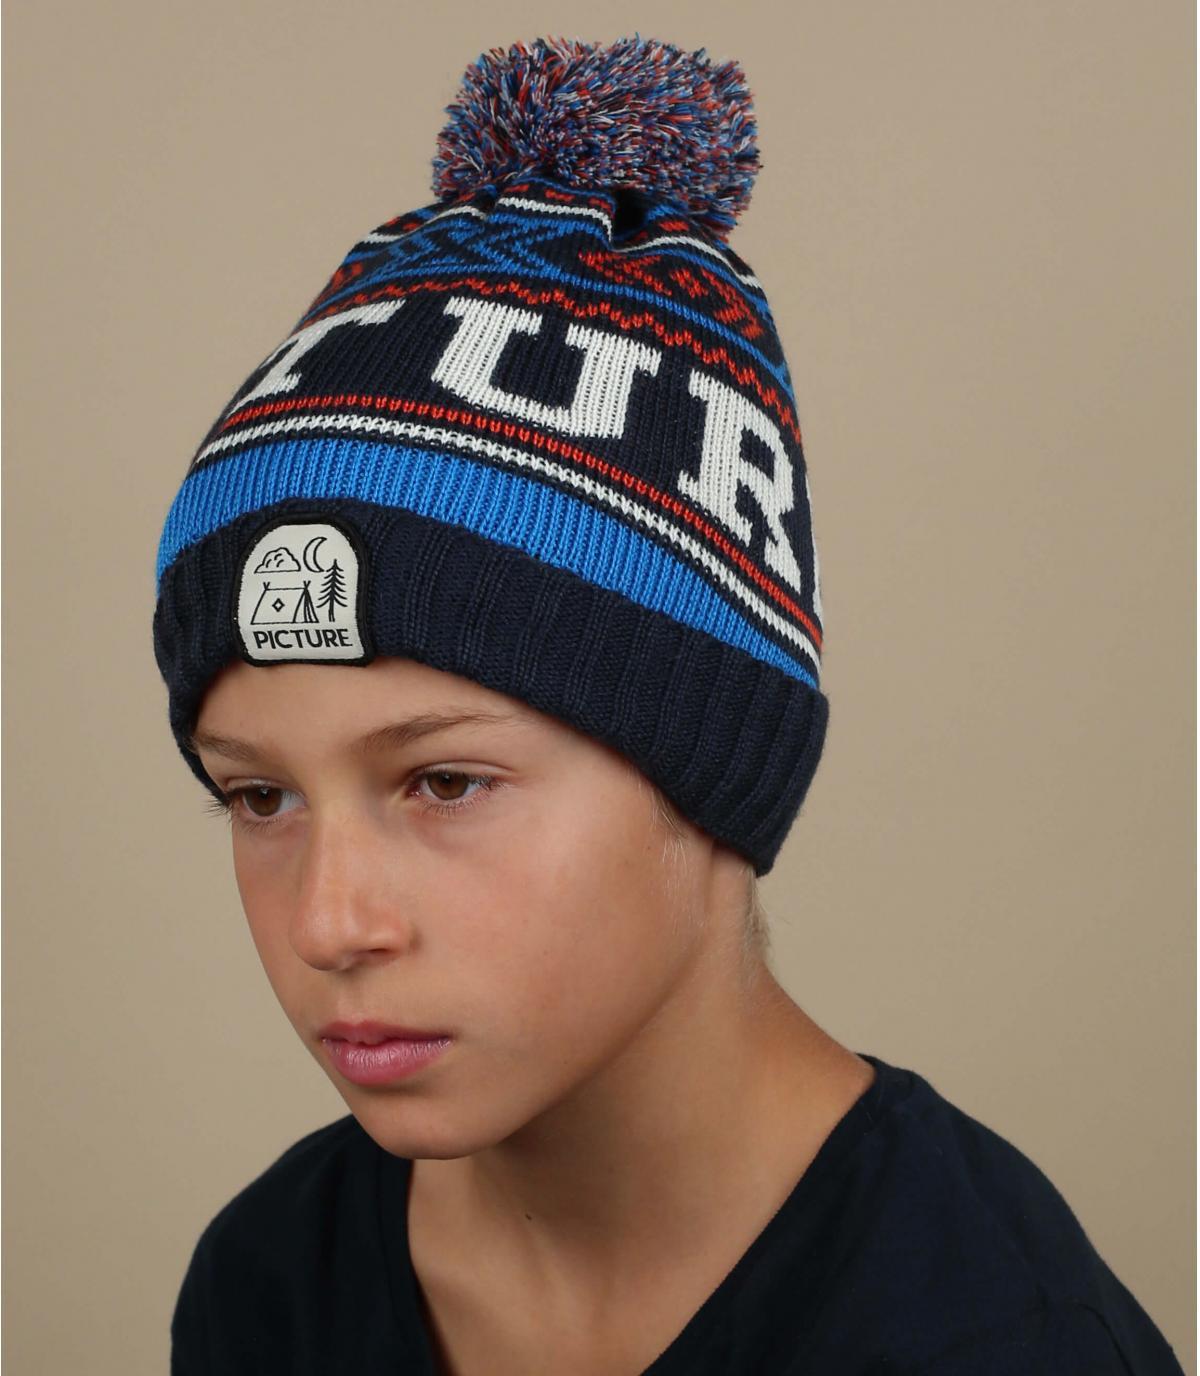 bonnet bleu enfant Picture